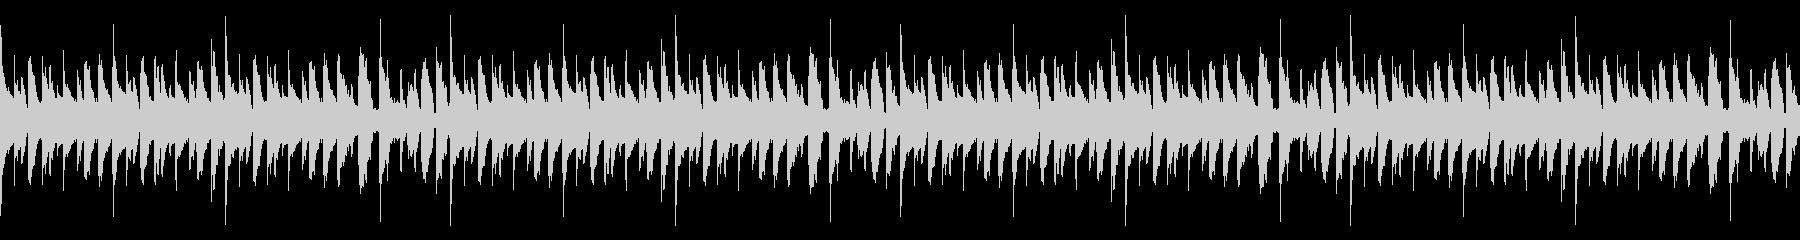 マリンバで陽気なラテン系のBGMの未再生の波形